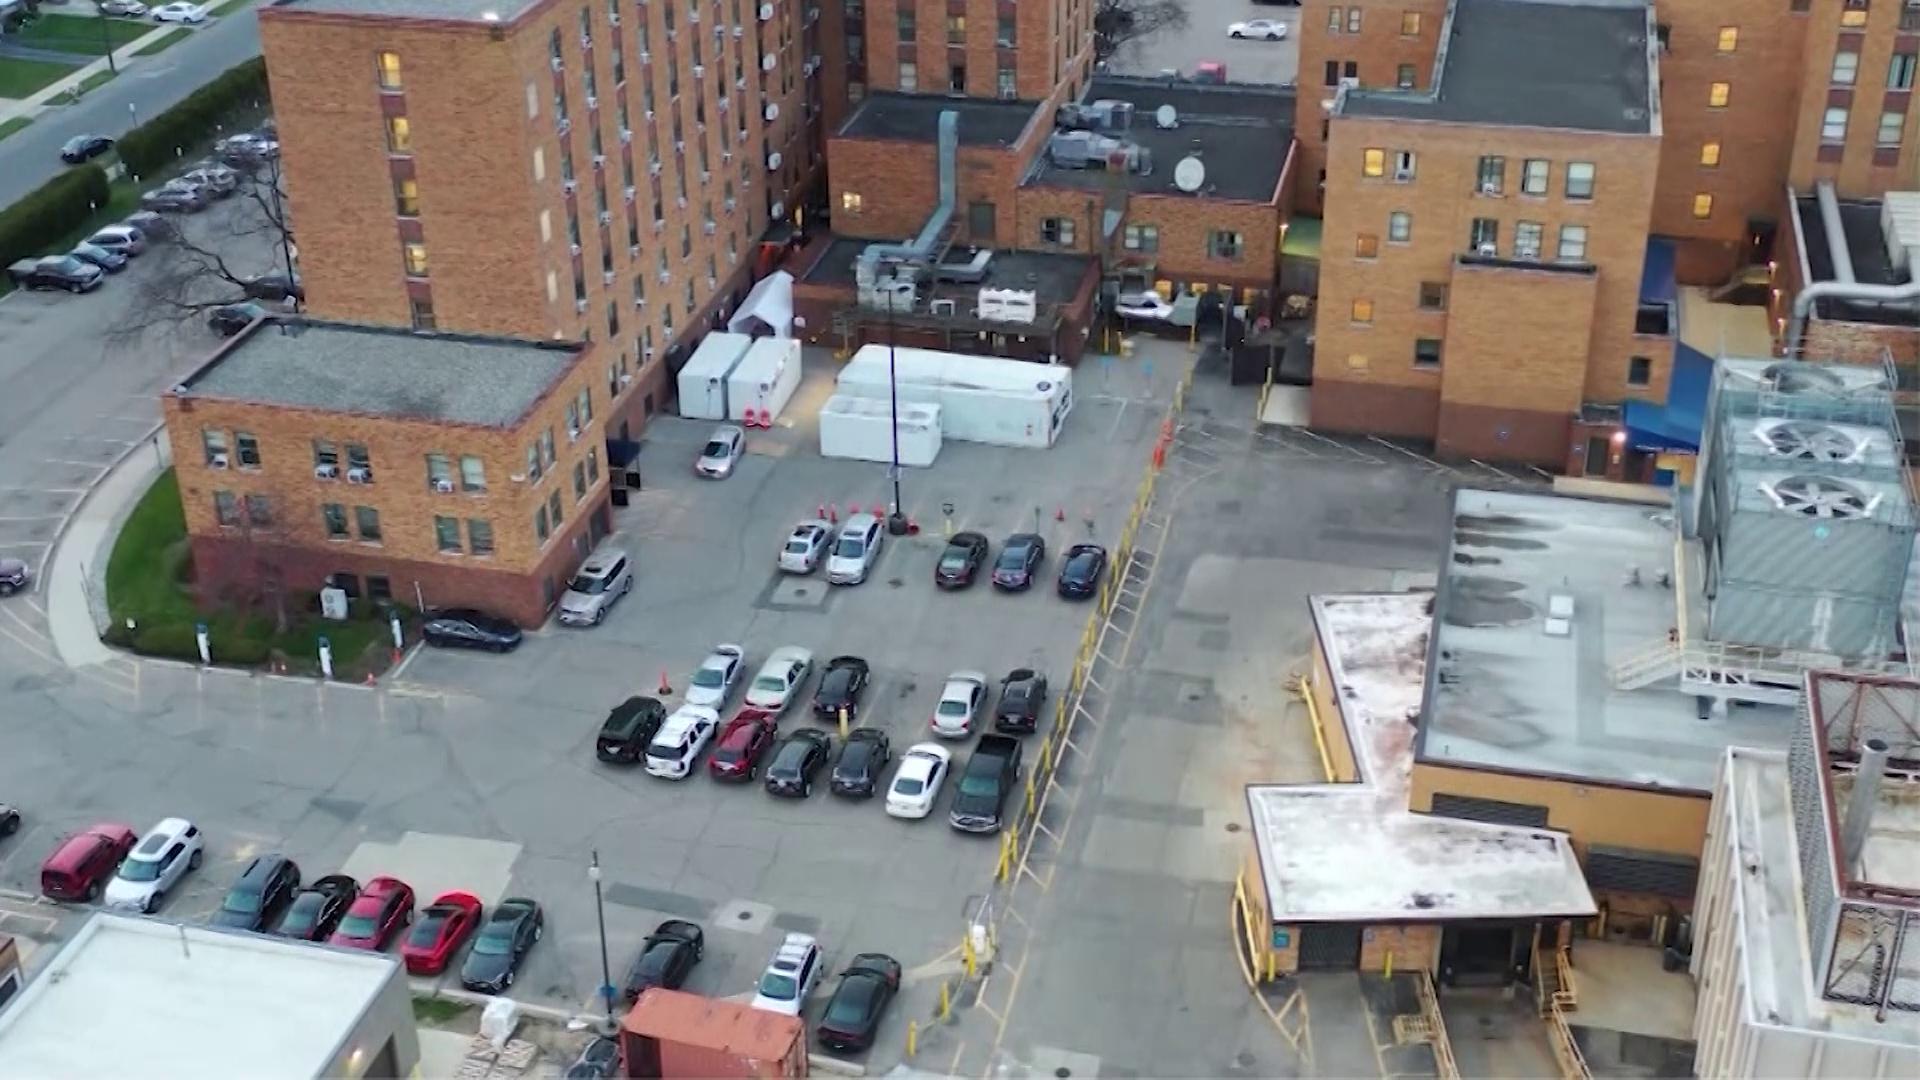 Unidades refrigeradas em hospital de Detroit, nos EUA